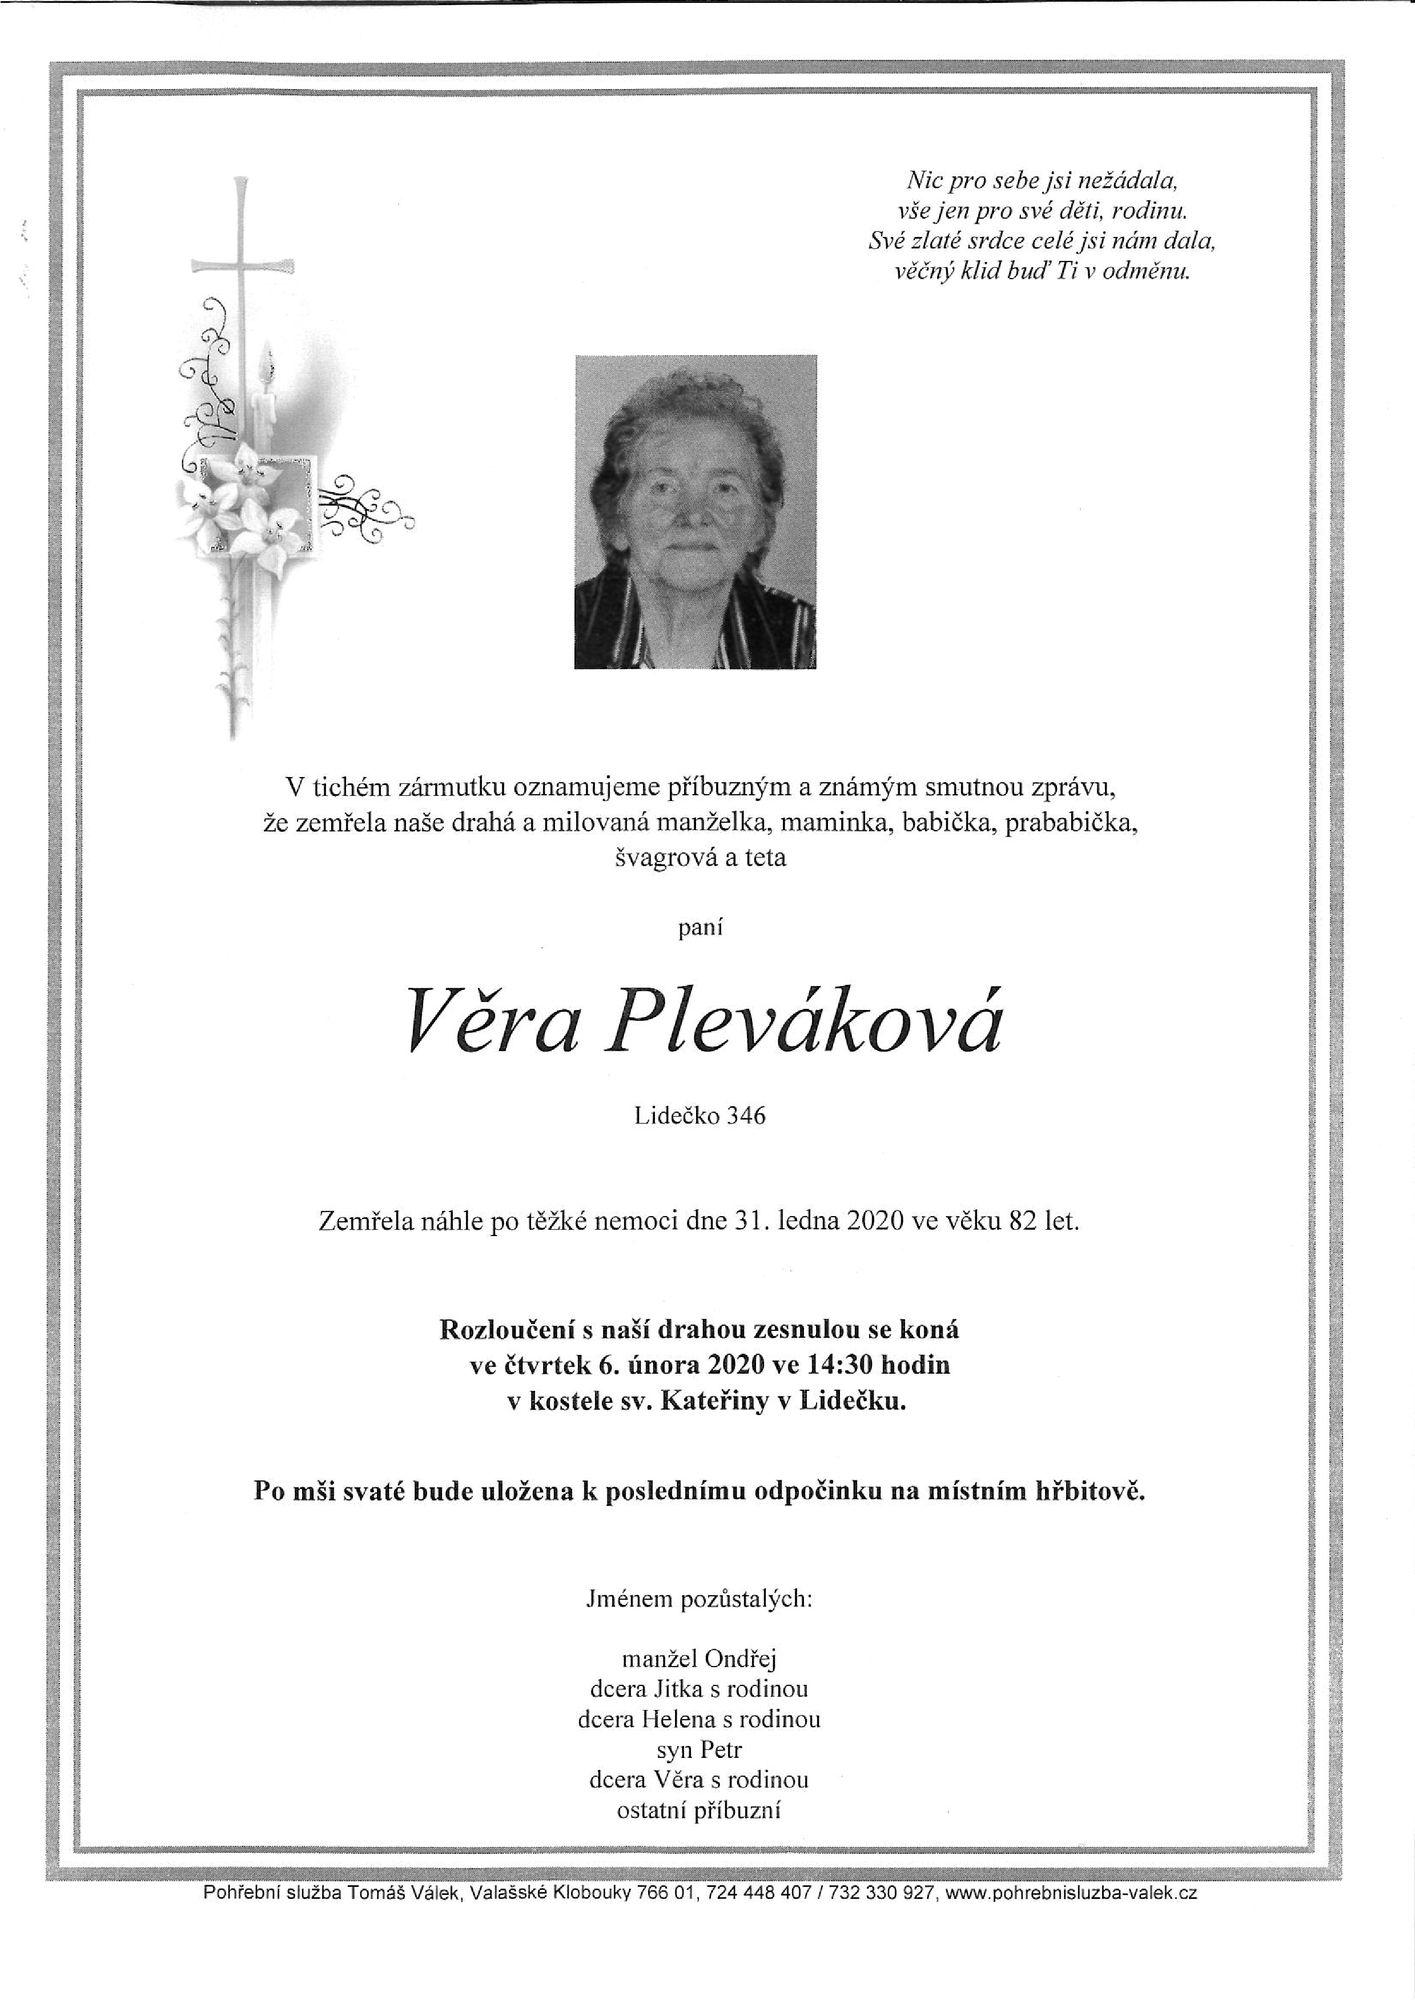 Věra Pleváková